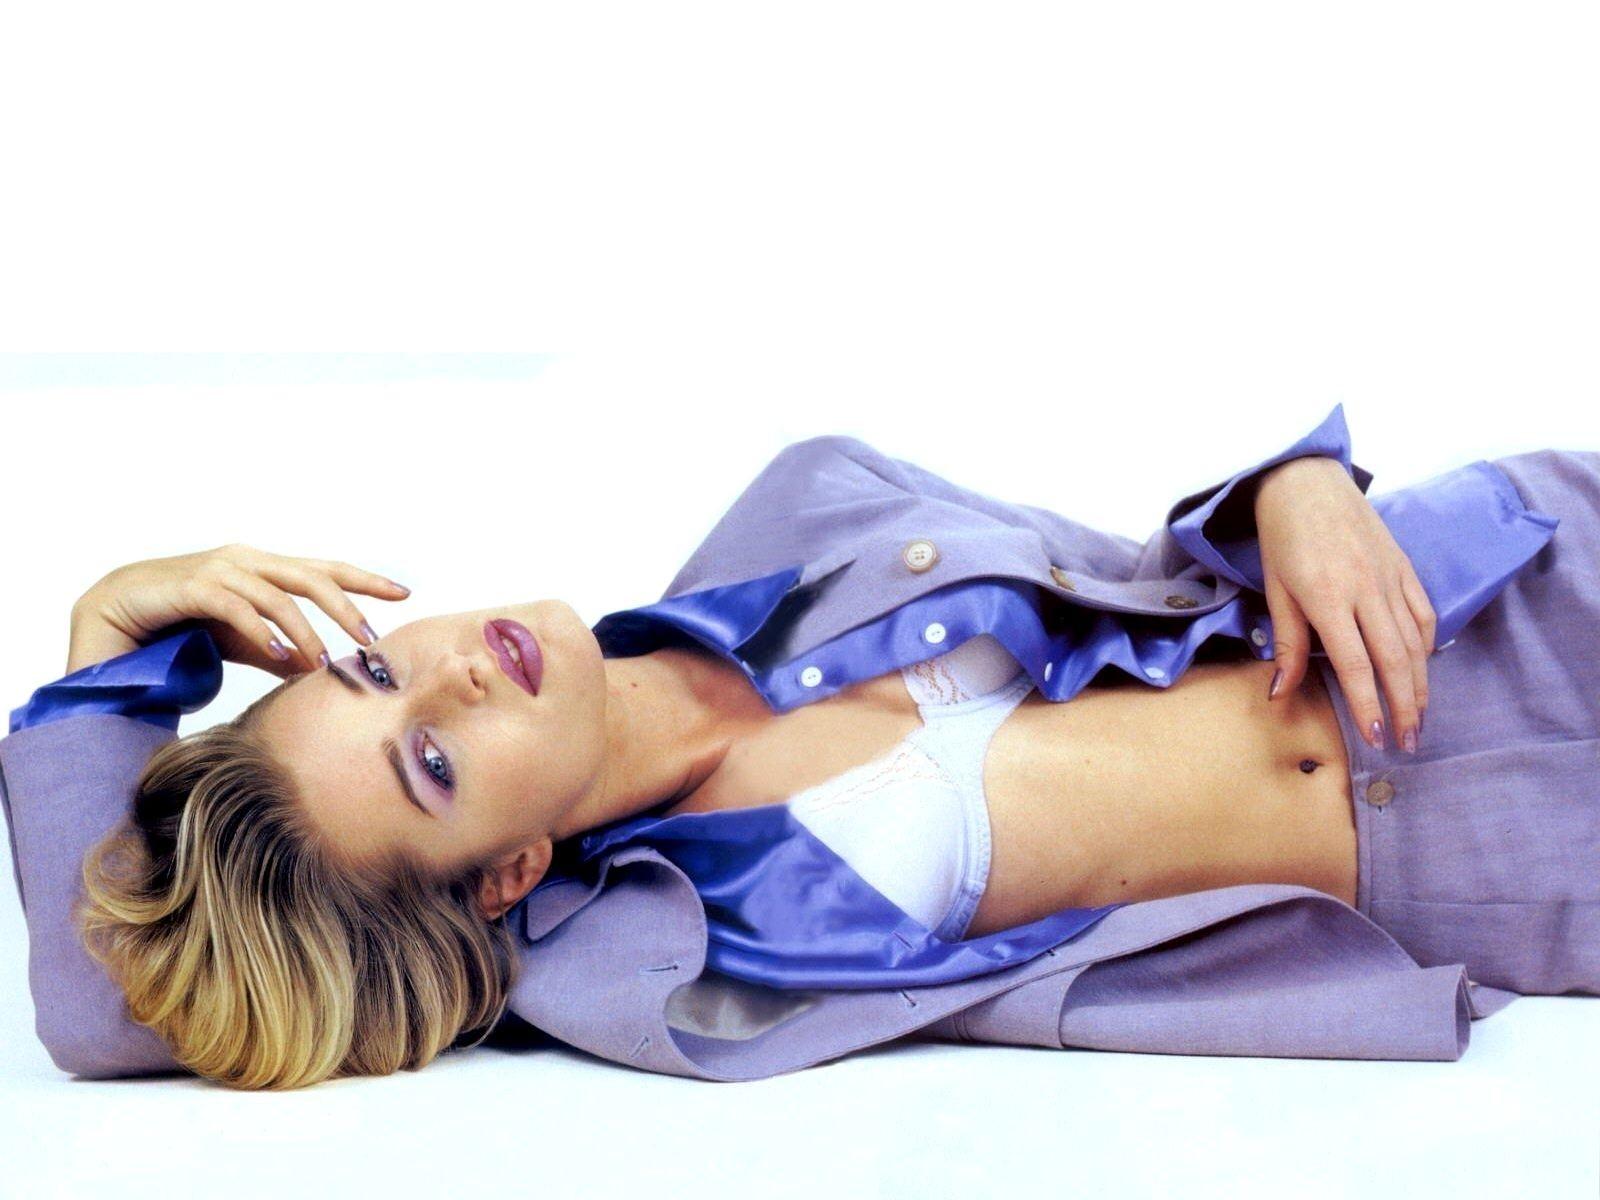 Wallpaper di Rebecca Romijn. L'attrice è nata nel 1972, sotto il segno dello Scorpione